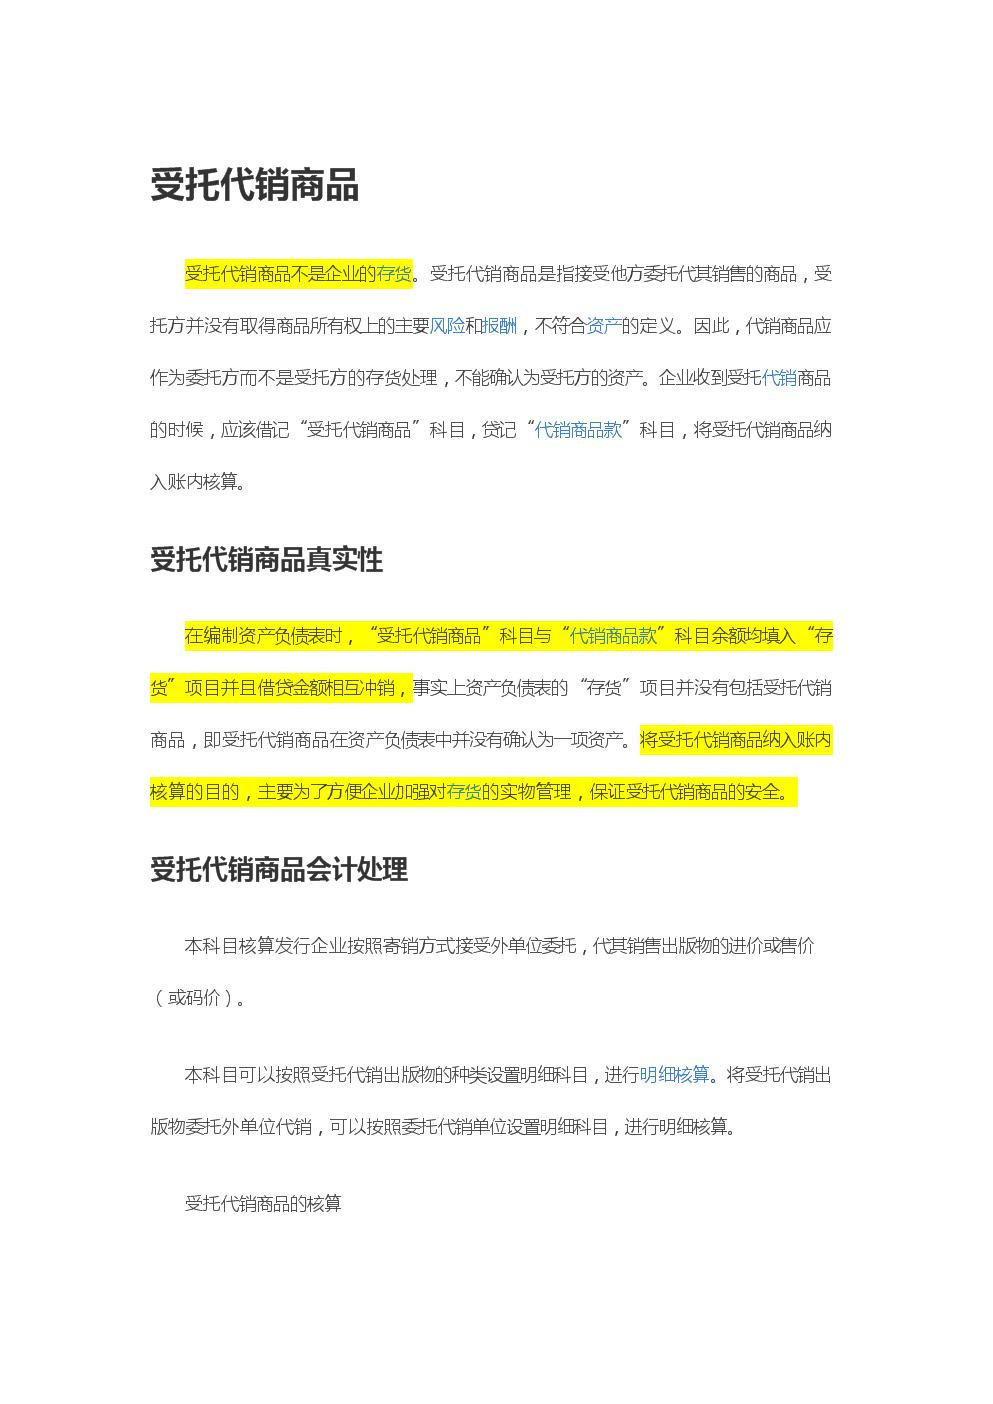 受托代销 受托方与委托方 会计处理基础知识.docx